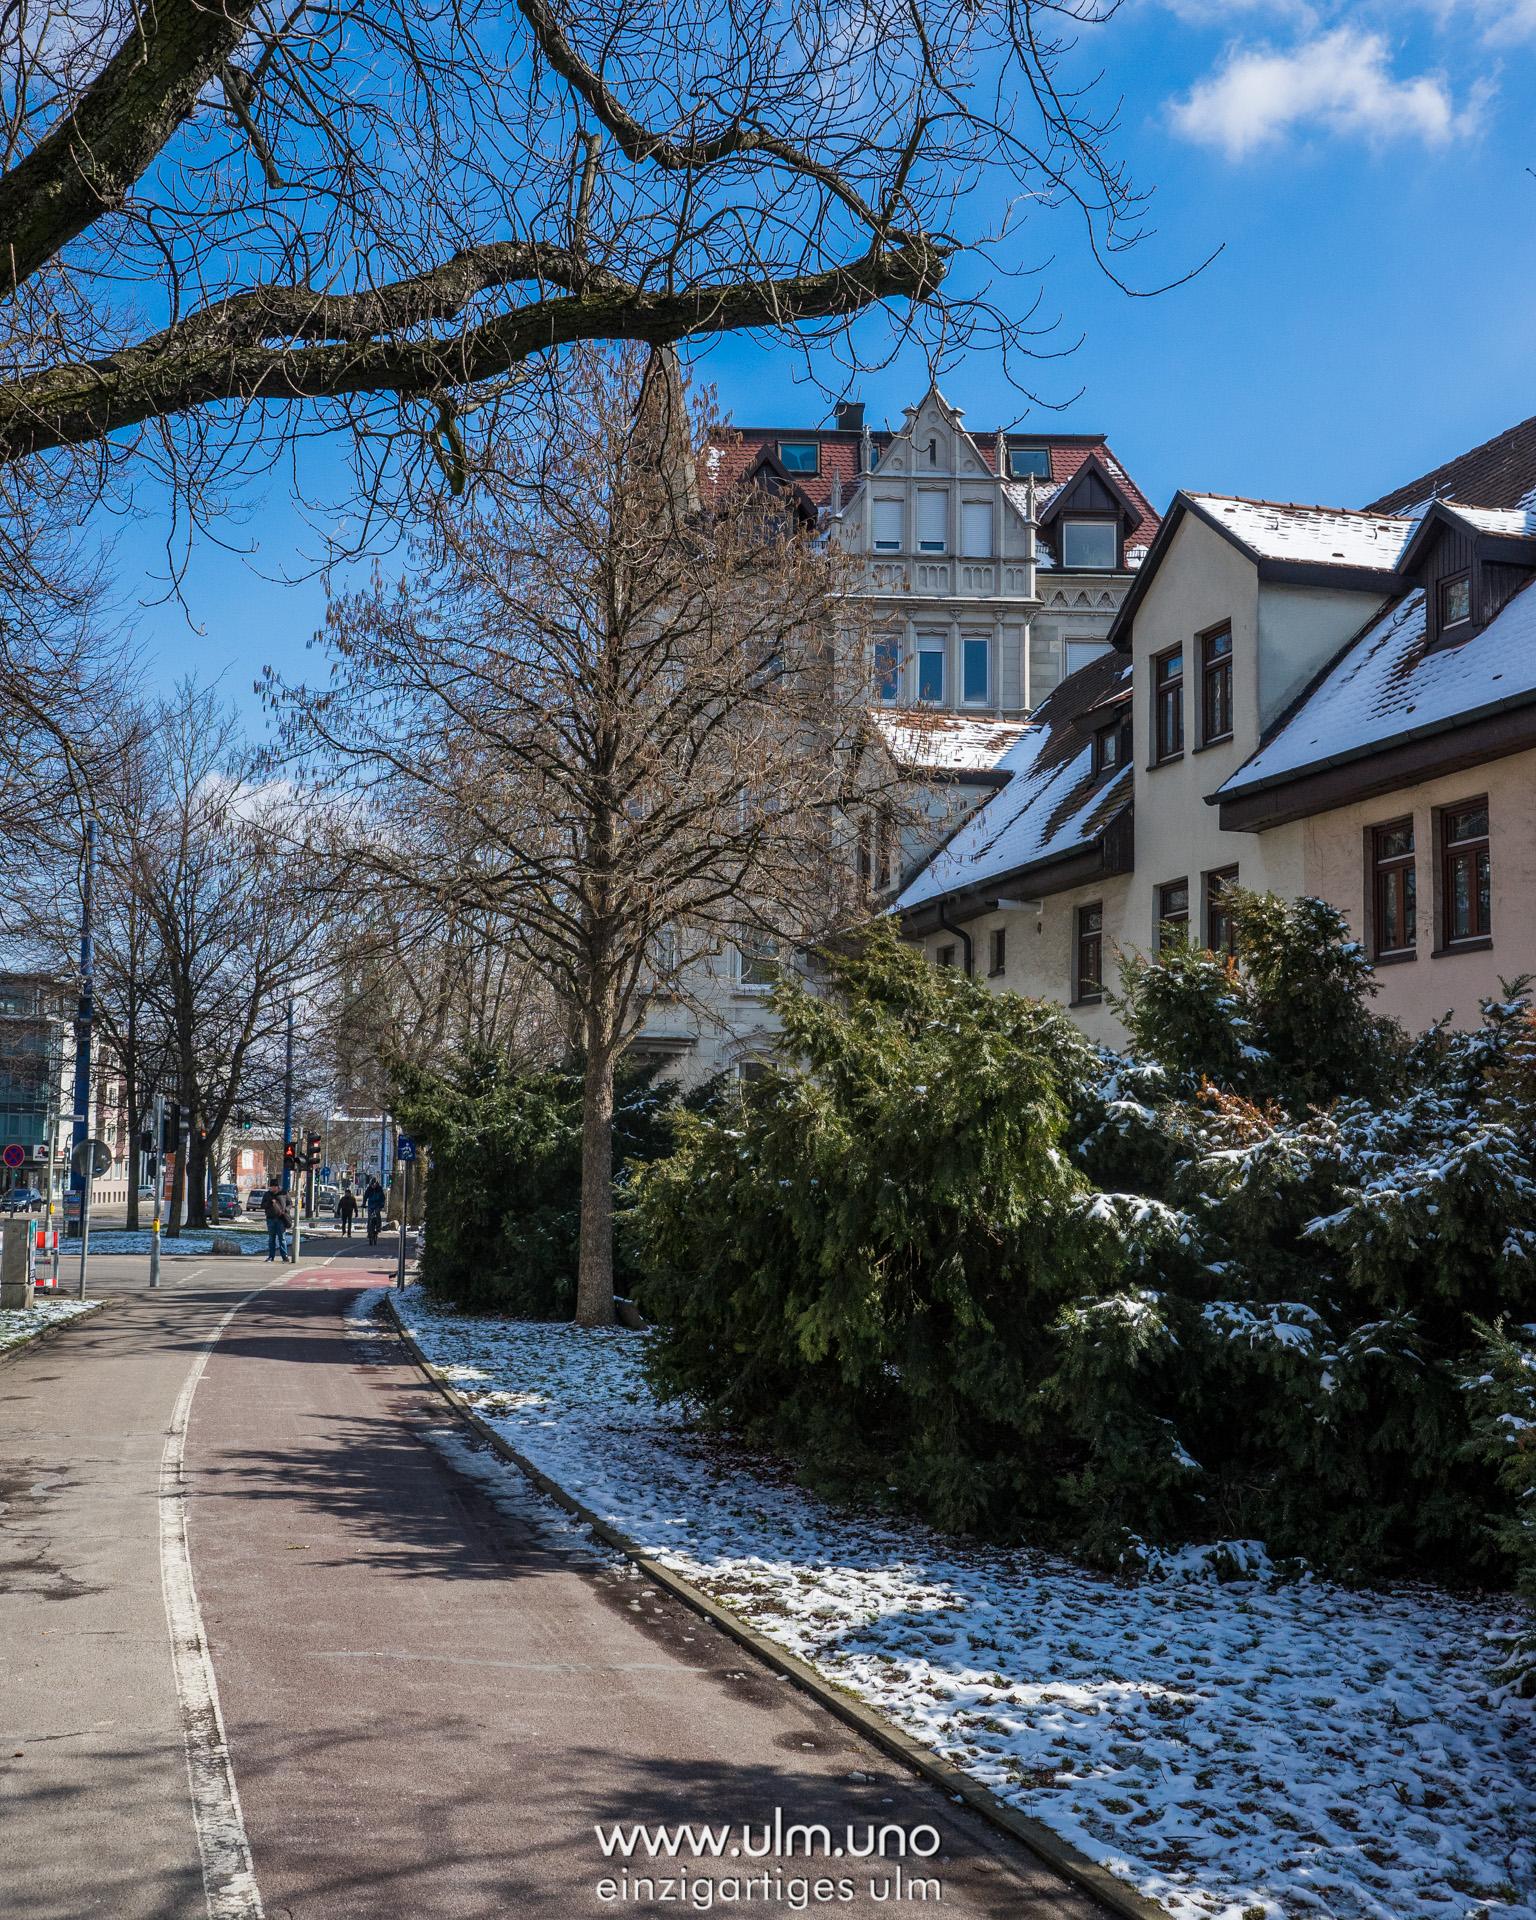 Ulm im Maerz 2018 - www.ulm.uno